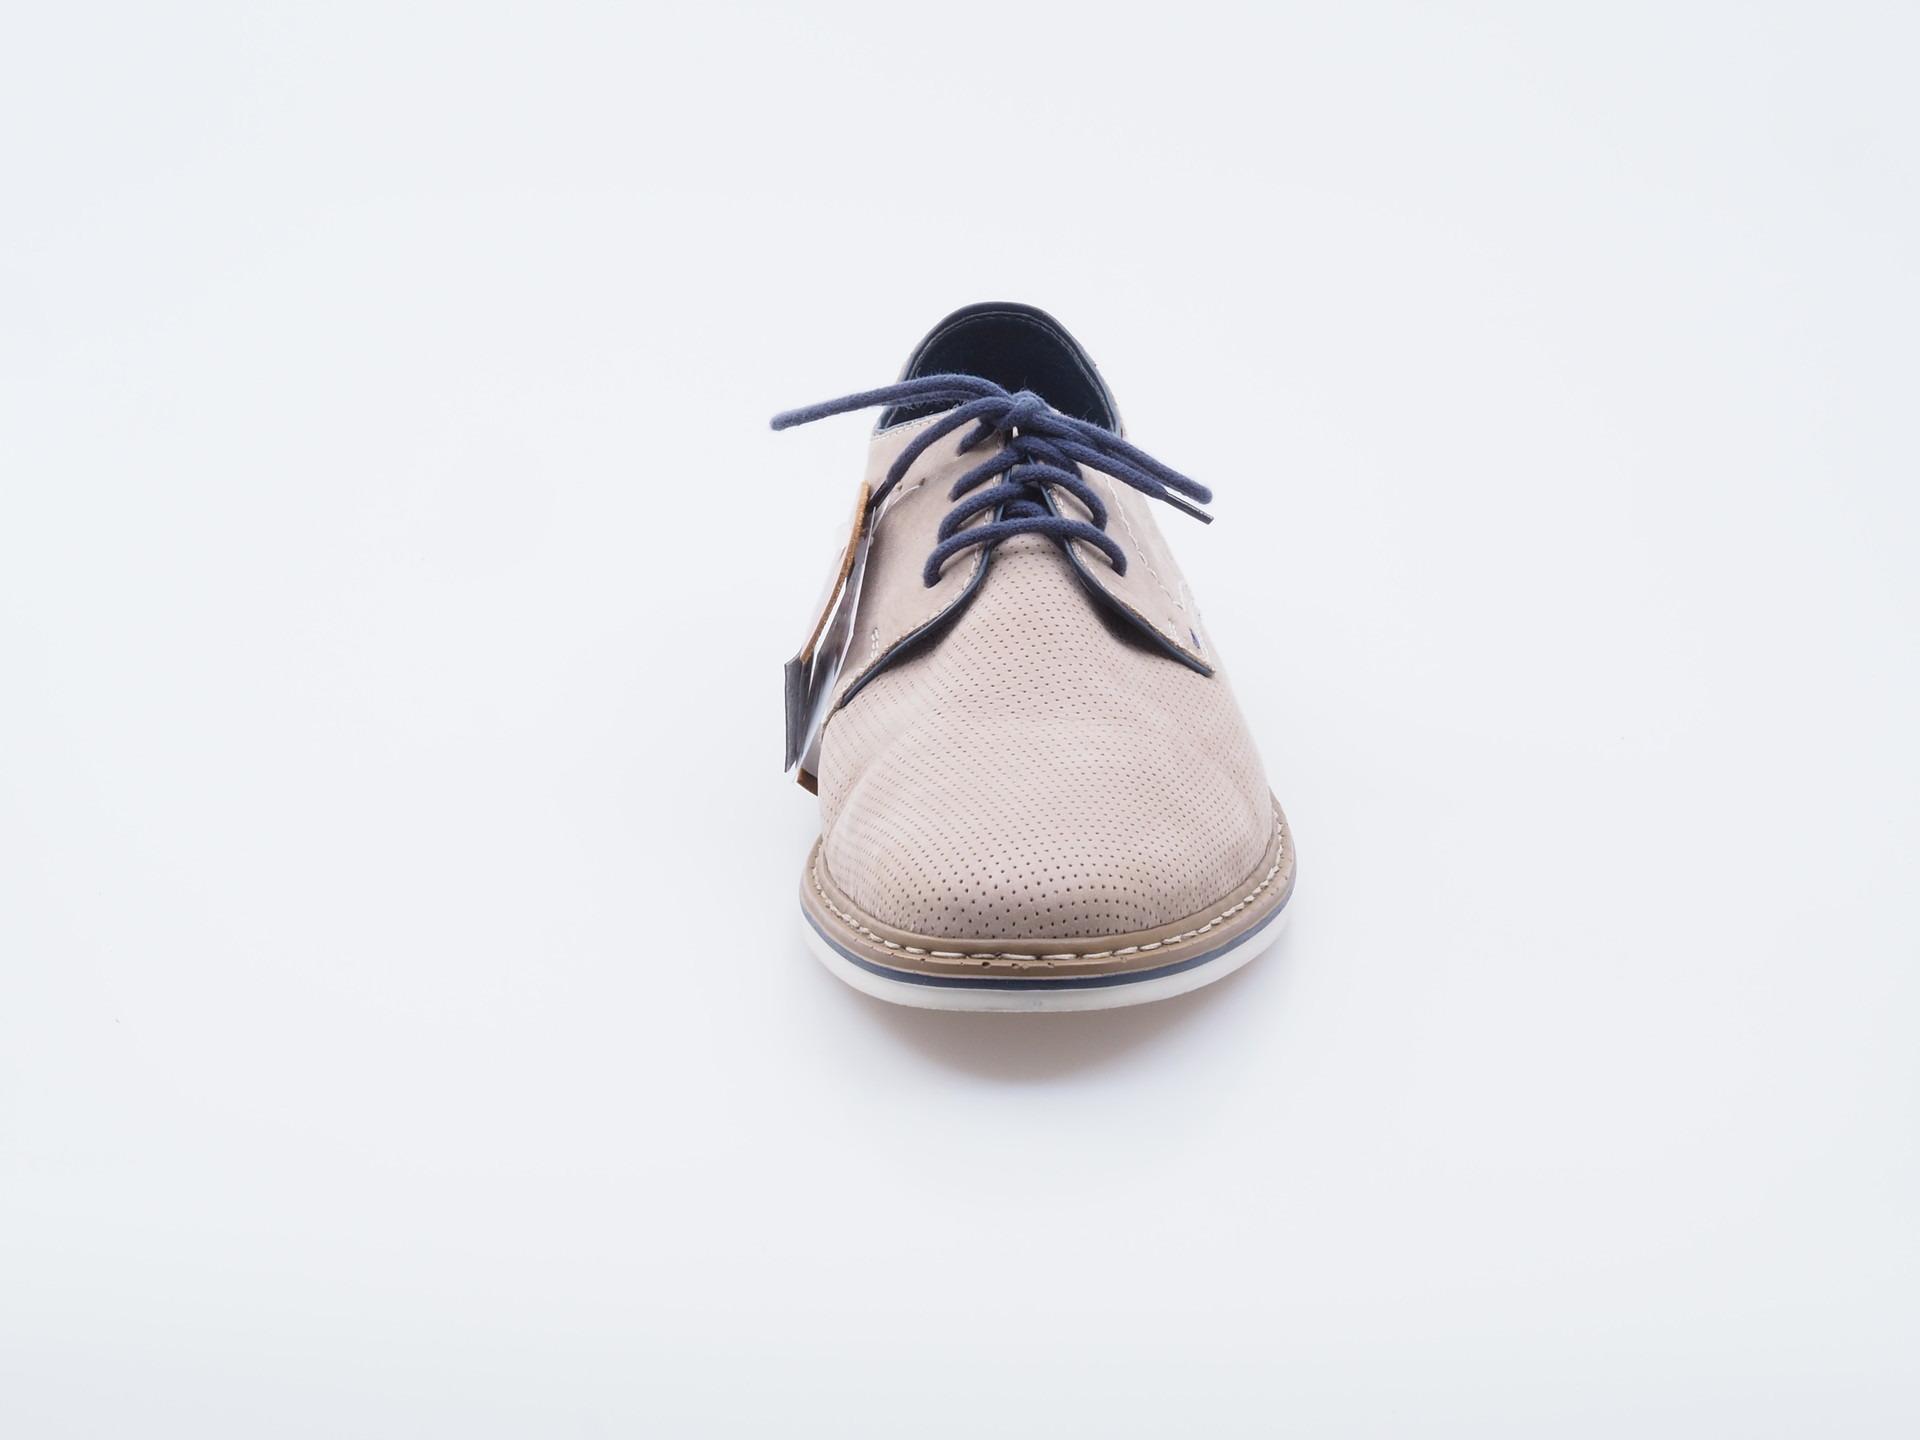 509f08d44 Soňa - Pánska obuv - Členková - Pánska členková obuv